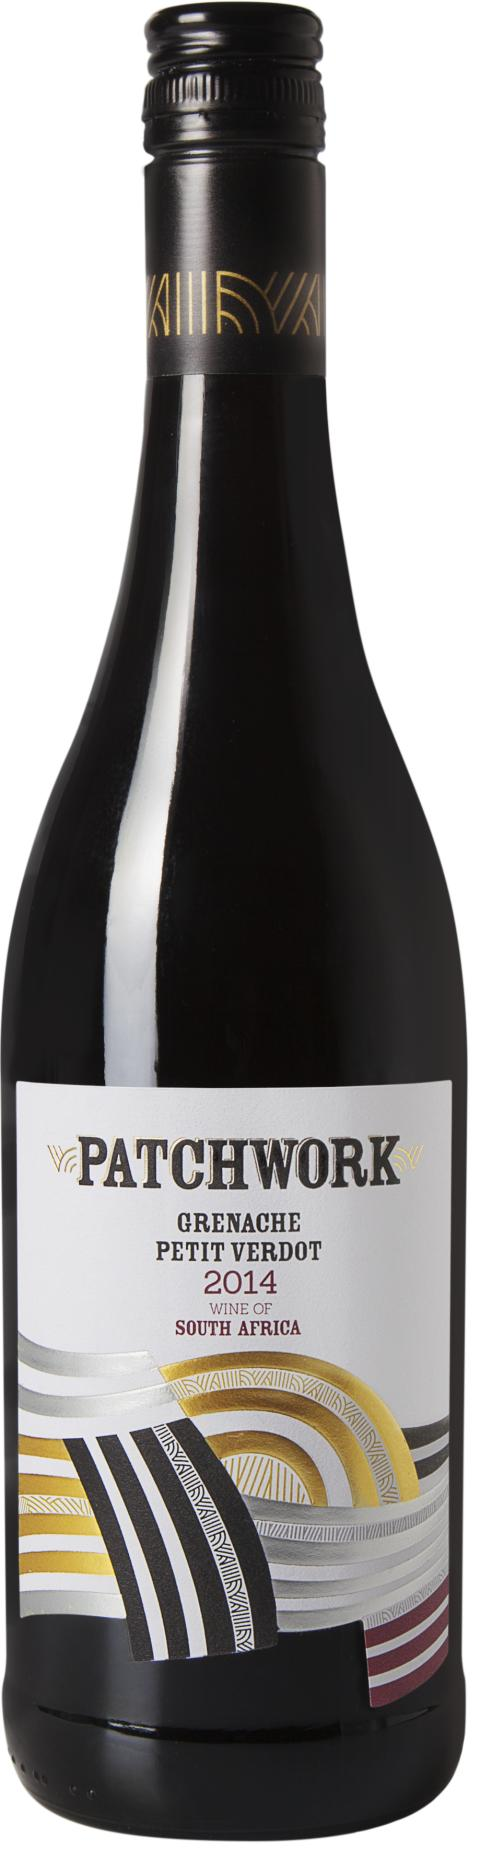 Klassisk europeisk druva i sydafrikanska vinet från Patchwork  – Patchwork Grenache Petit Verdot låter udda druvor spela huvudrollen